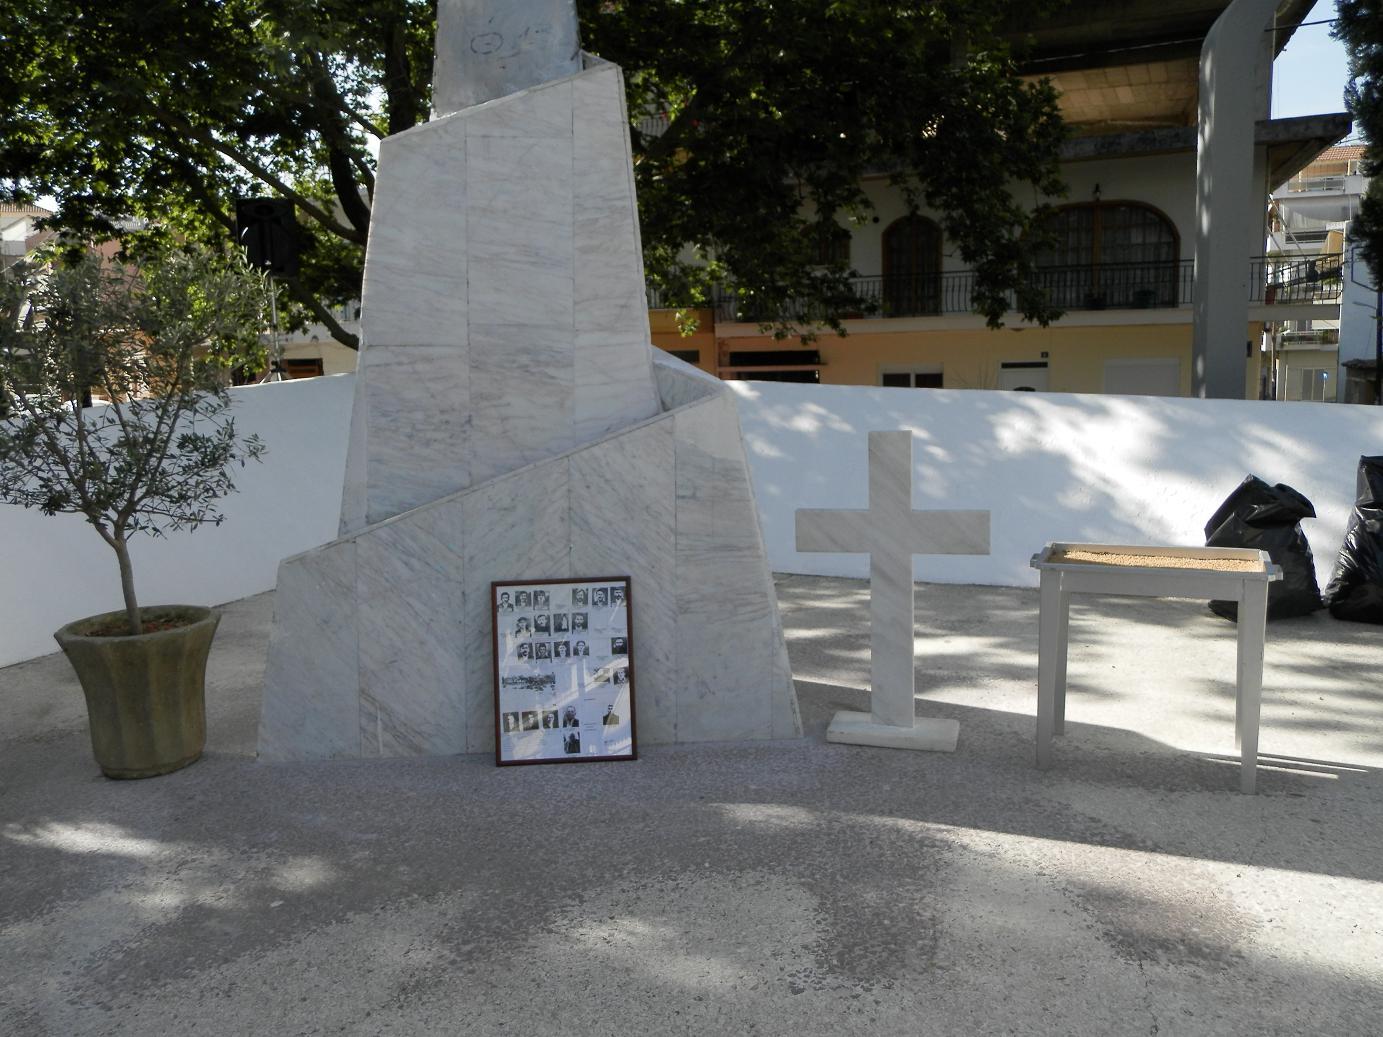 Δήμος Αγρινίου: Την Κυριακή 31 Μαΐου το επίσημο μνημόσυνο στη μνήμη των 120